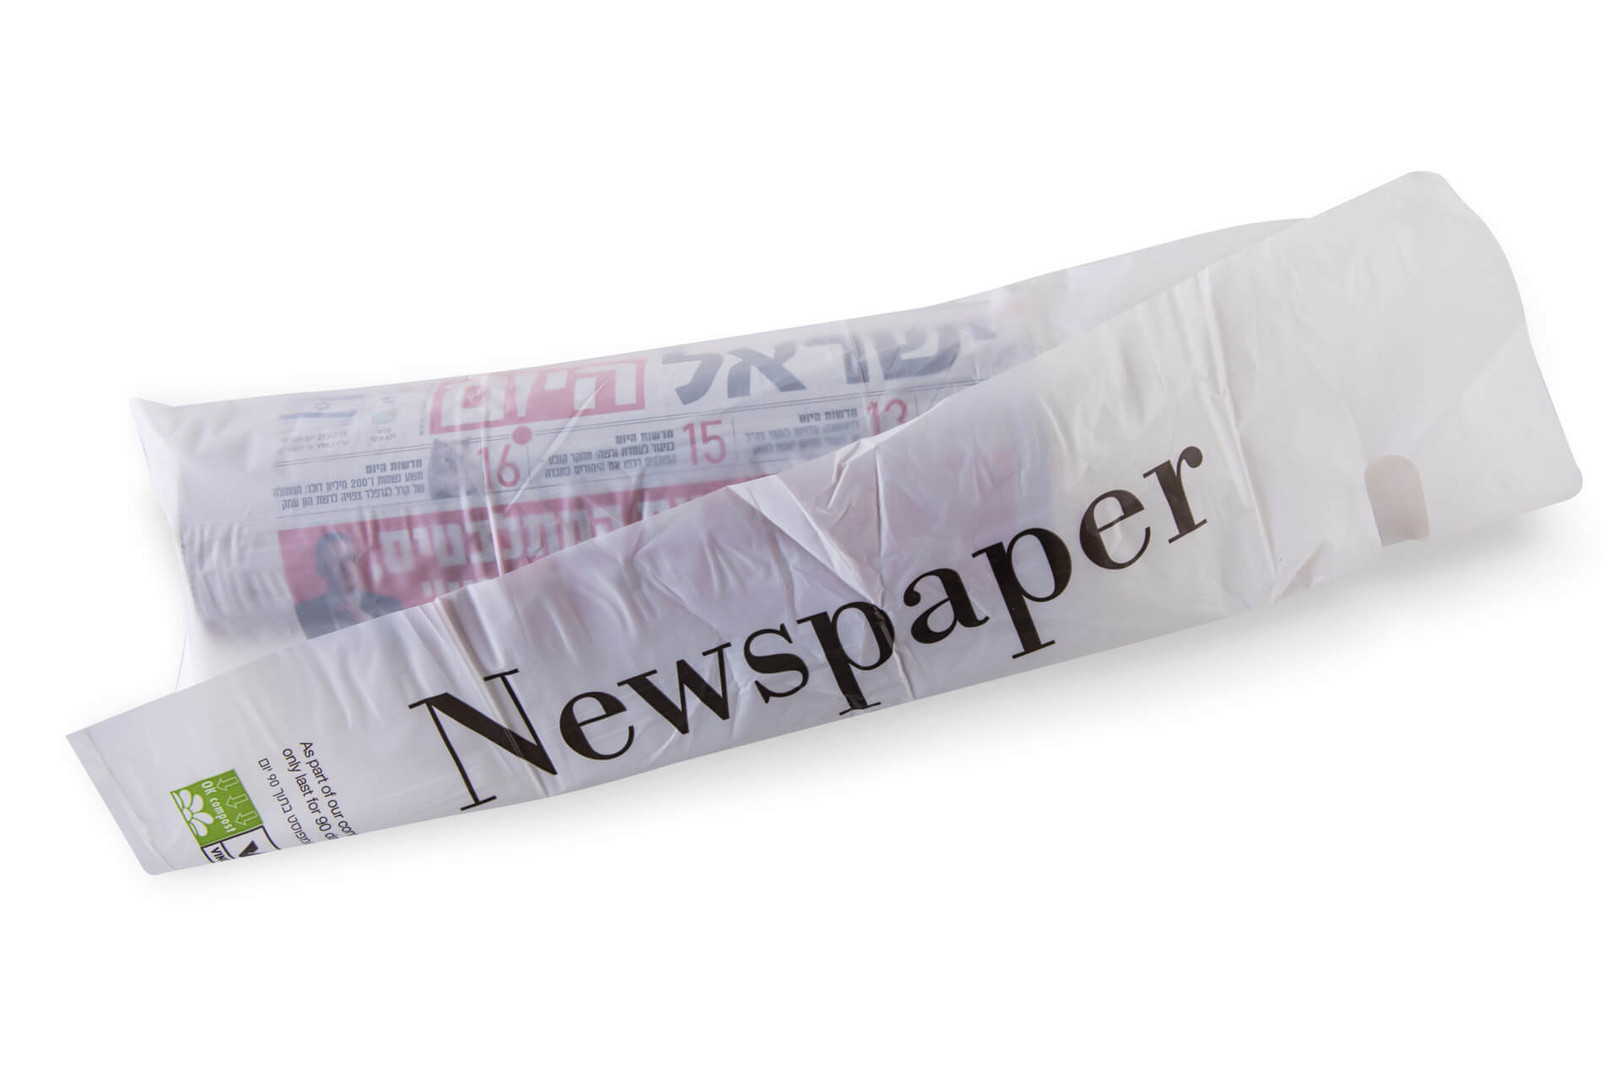 שקיות מתכלות לעיתון - עטיפית